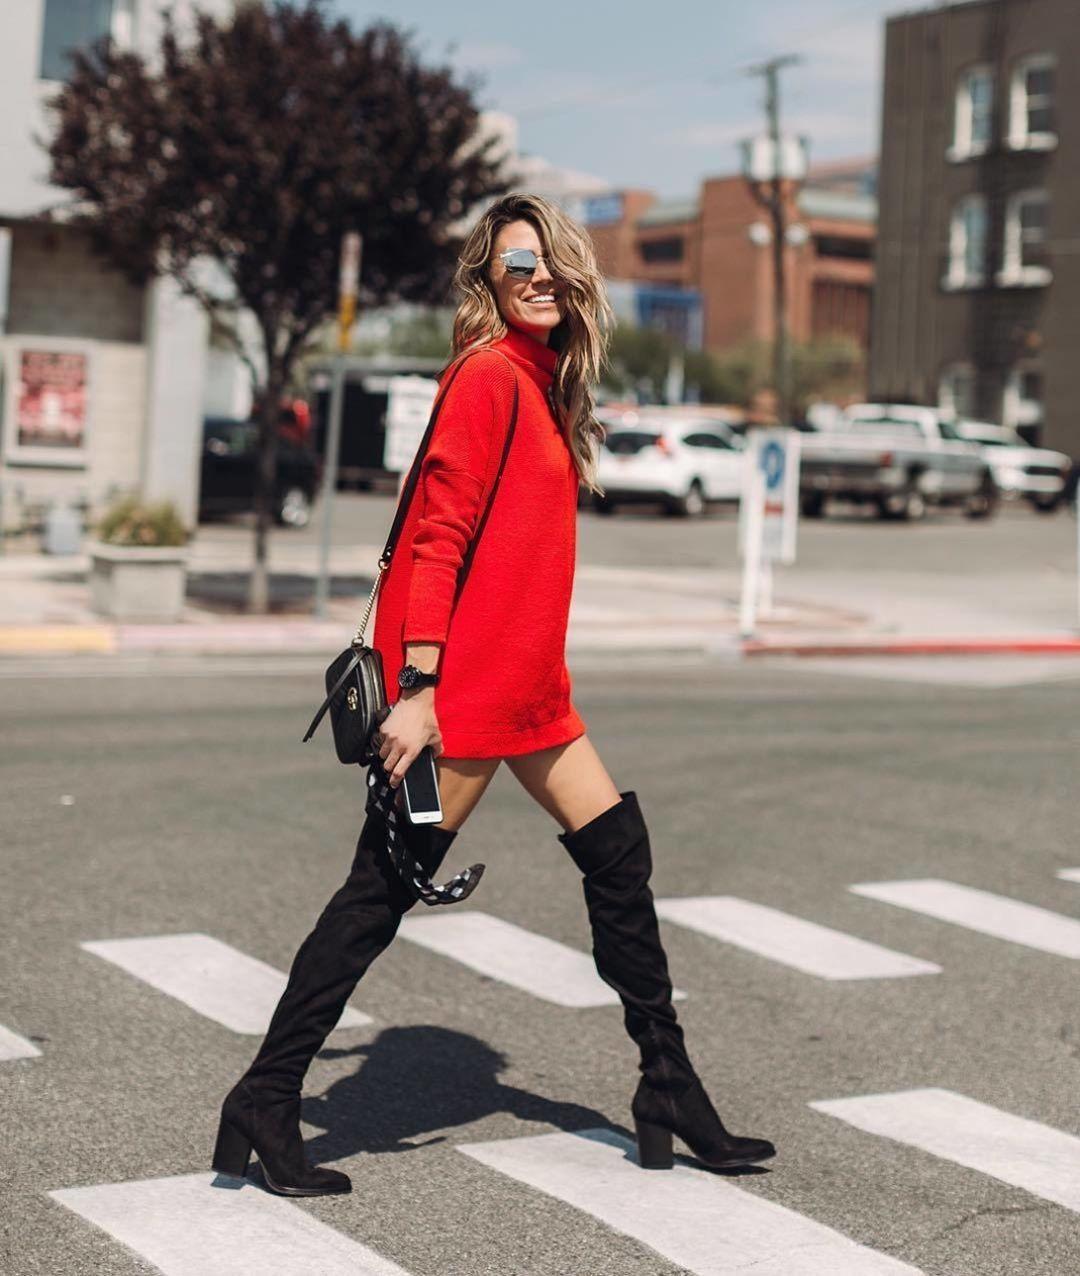 Вязаное платье: как подобрать самый теплый и женственный тренд